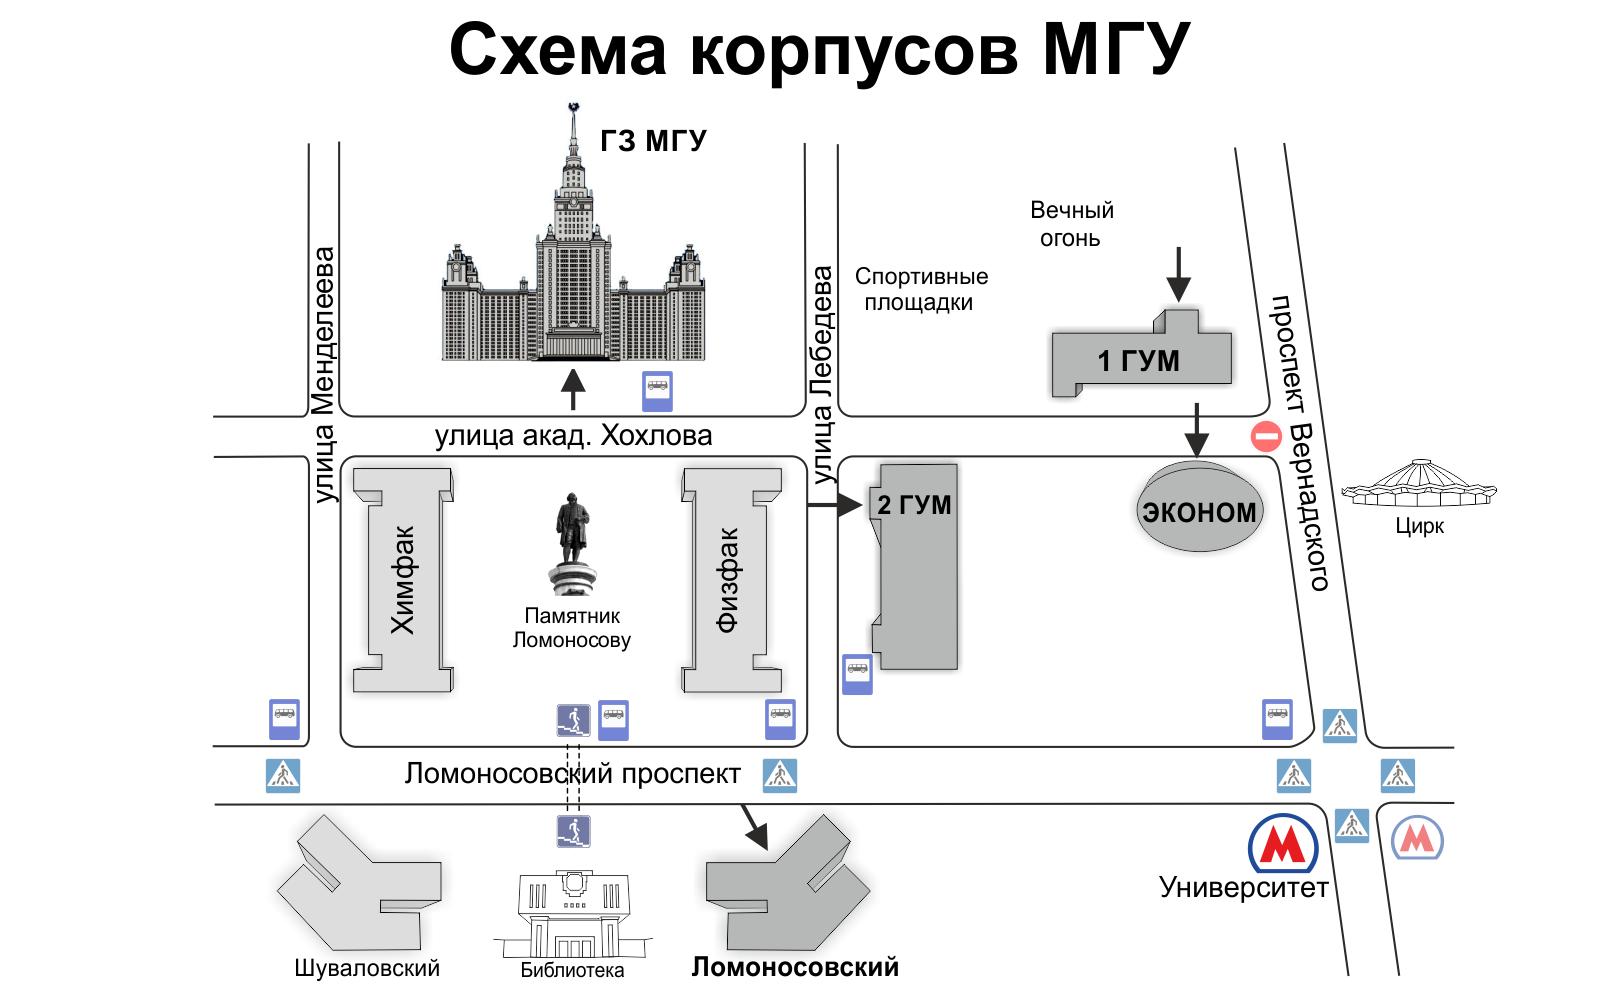 Собрания депутатов схема проезда через задний вход к малому гуму ссылке